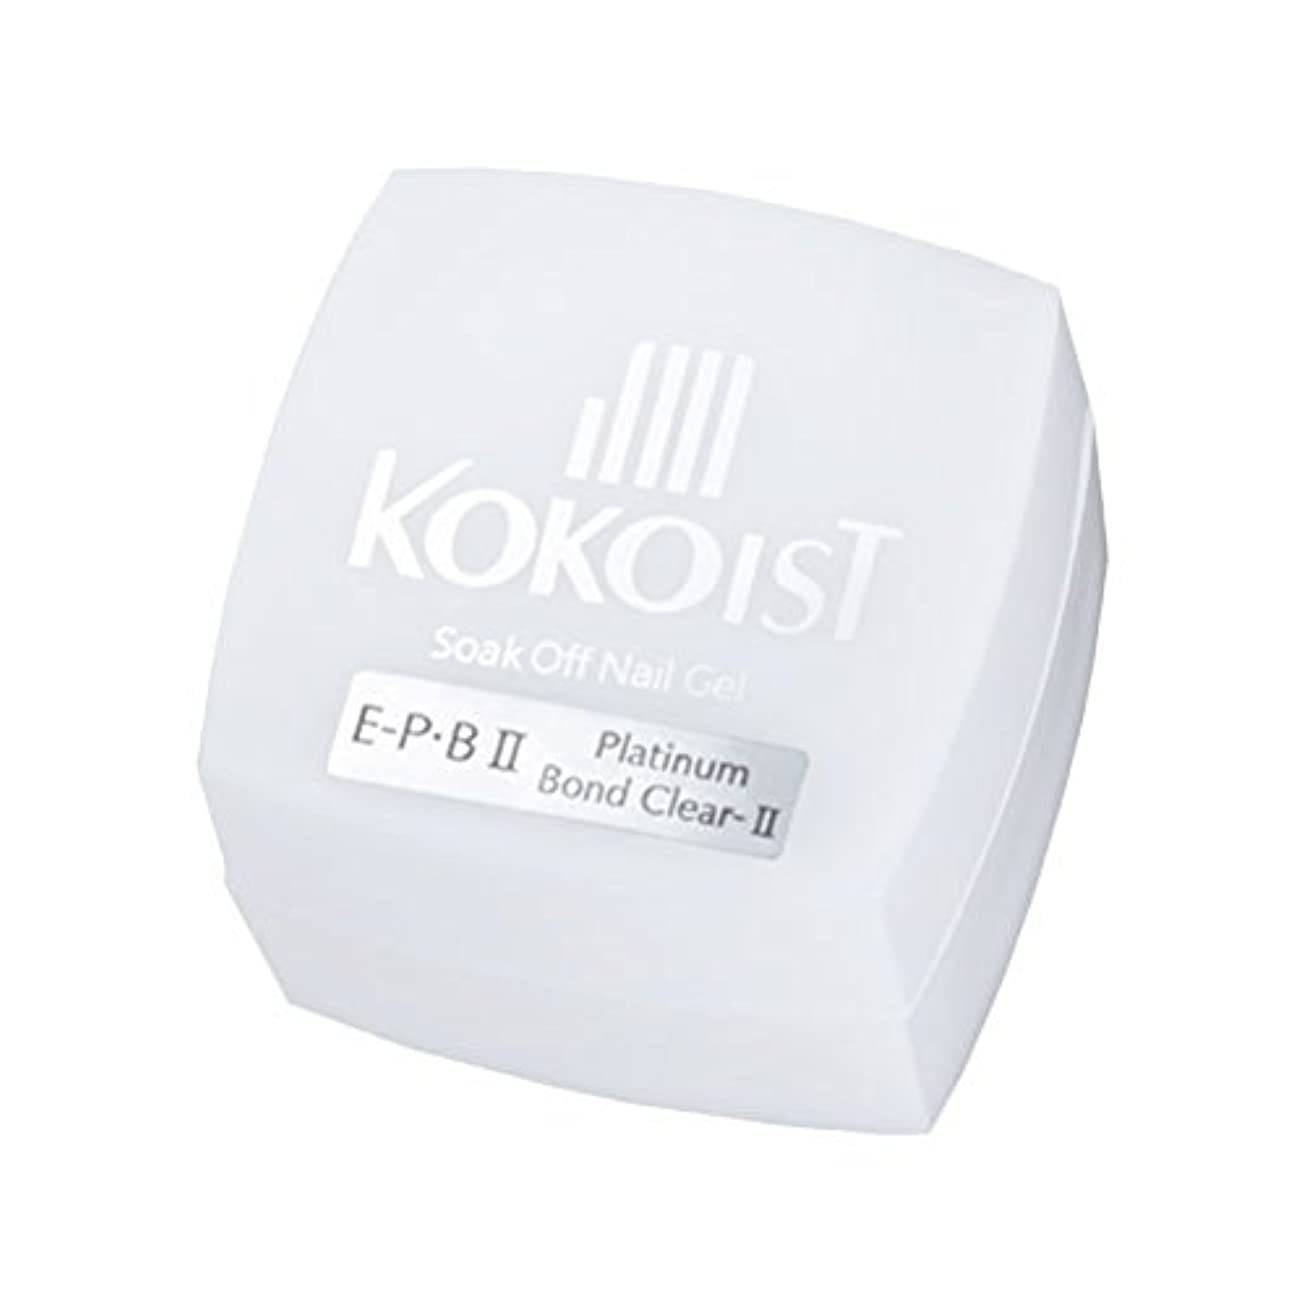 作る耐える海外でKOKOIST フ゜ラチナホ゛ント゛II 4g ジェル UV/LED対応